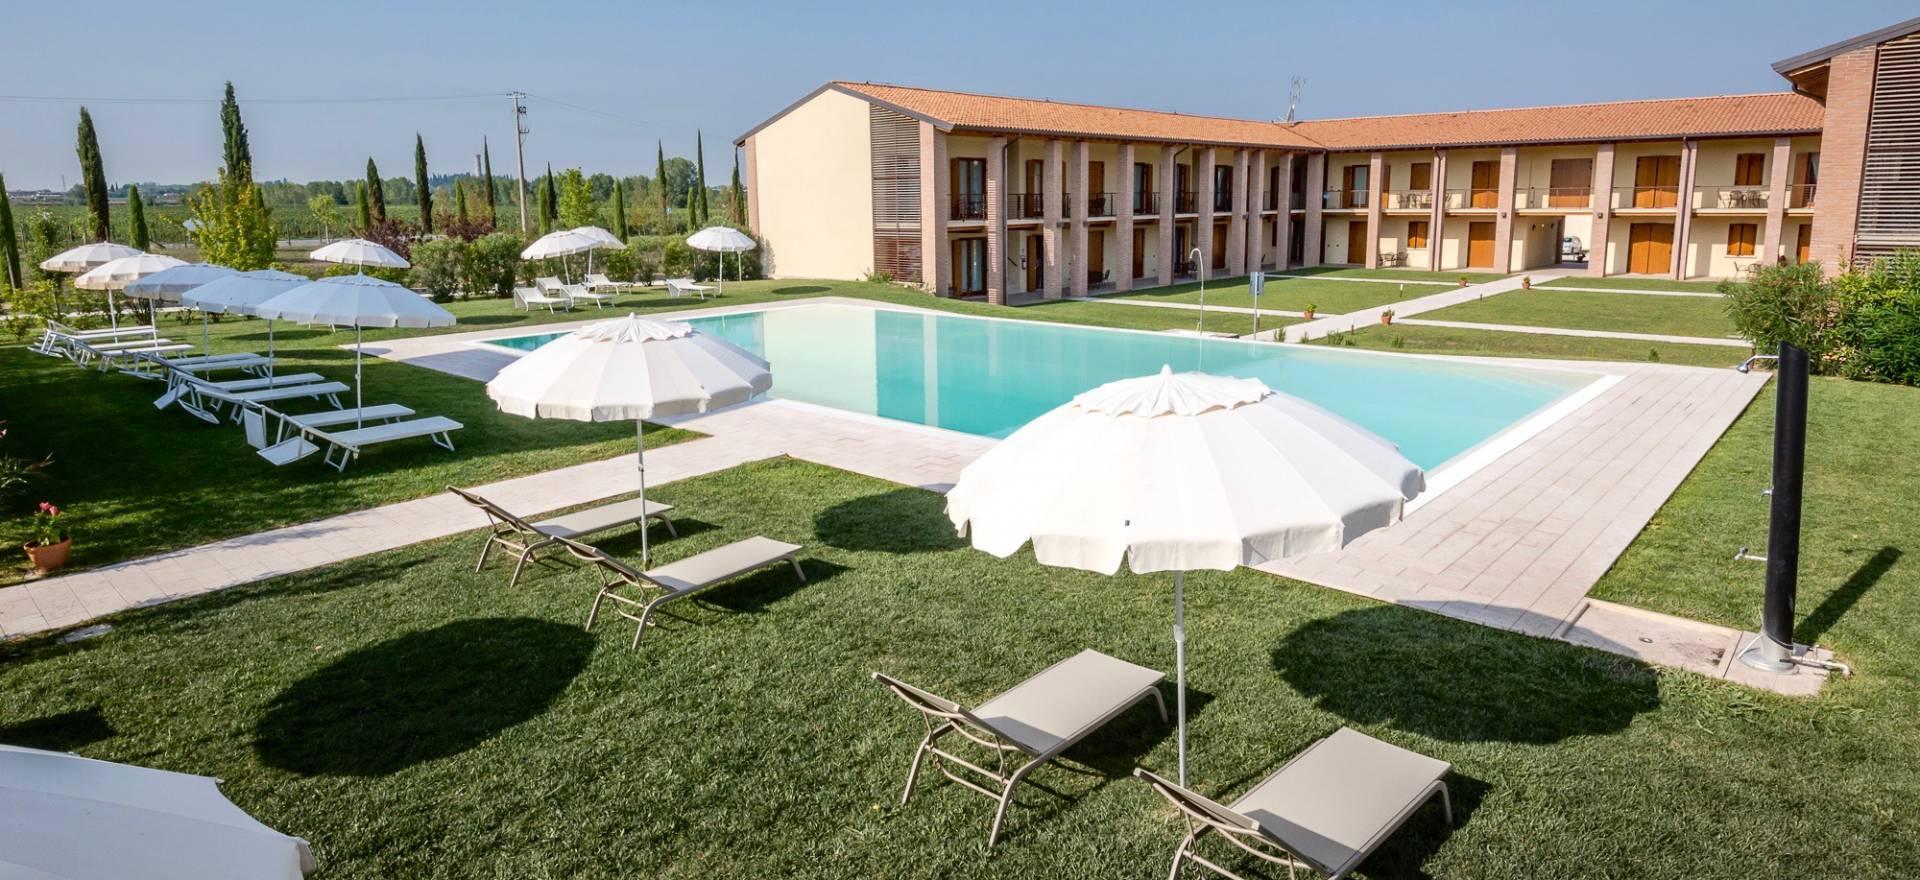 Agriturismo Lago di Como e lago di Garda Agriturismo per famiglie lago di Garda, grande piscina